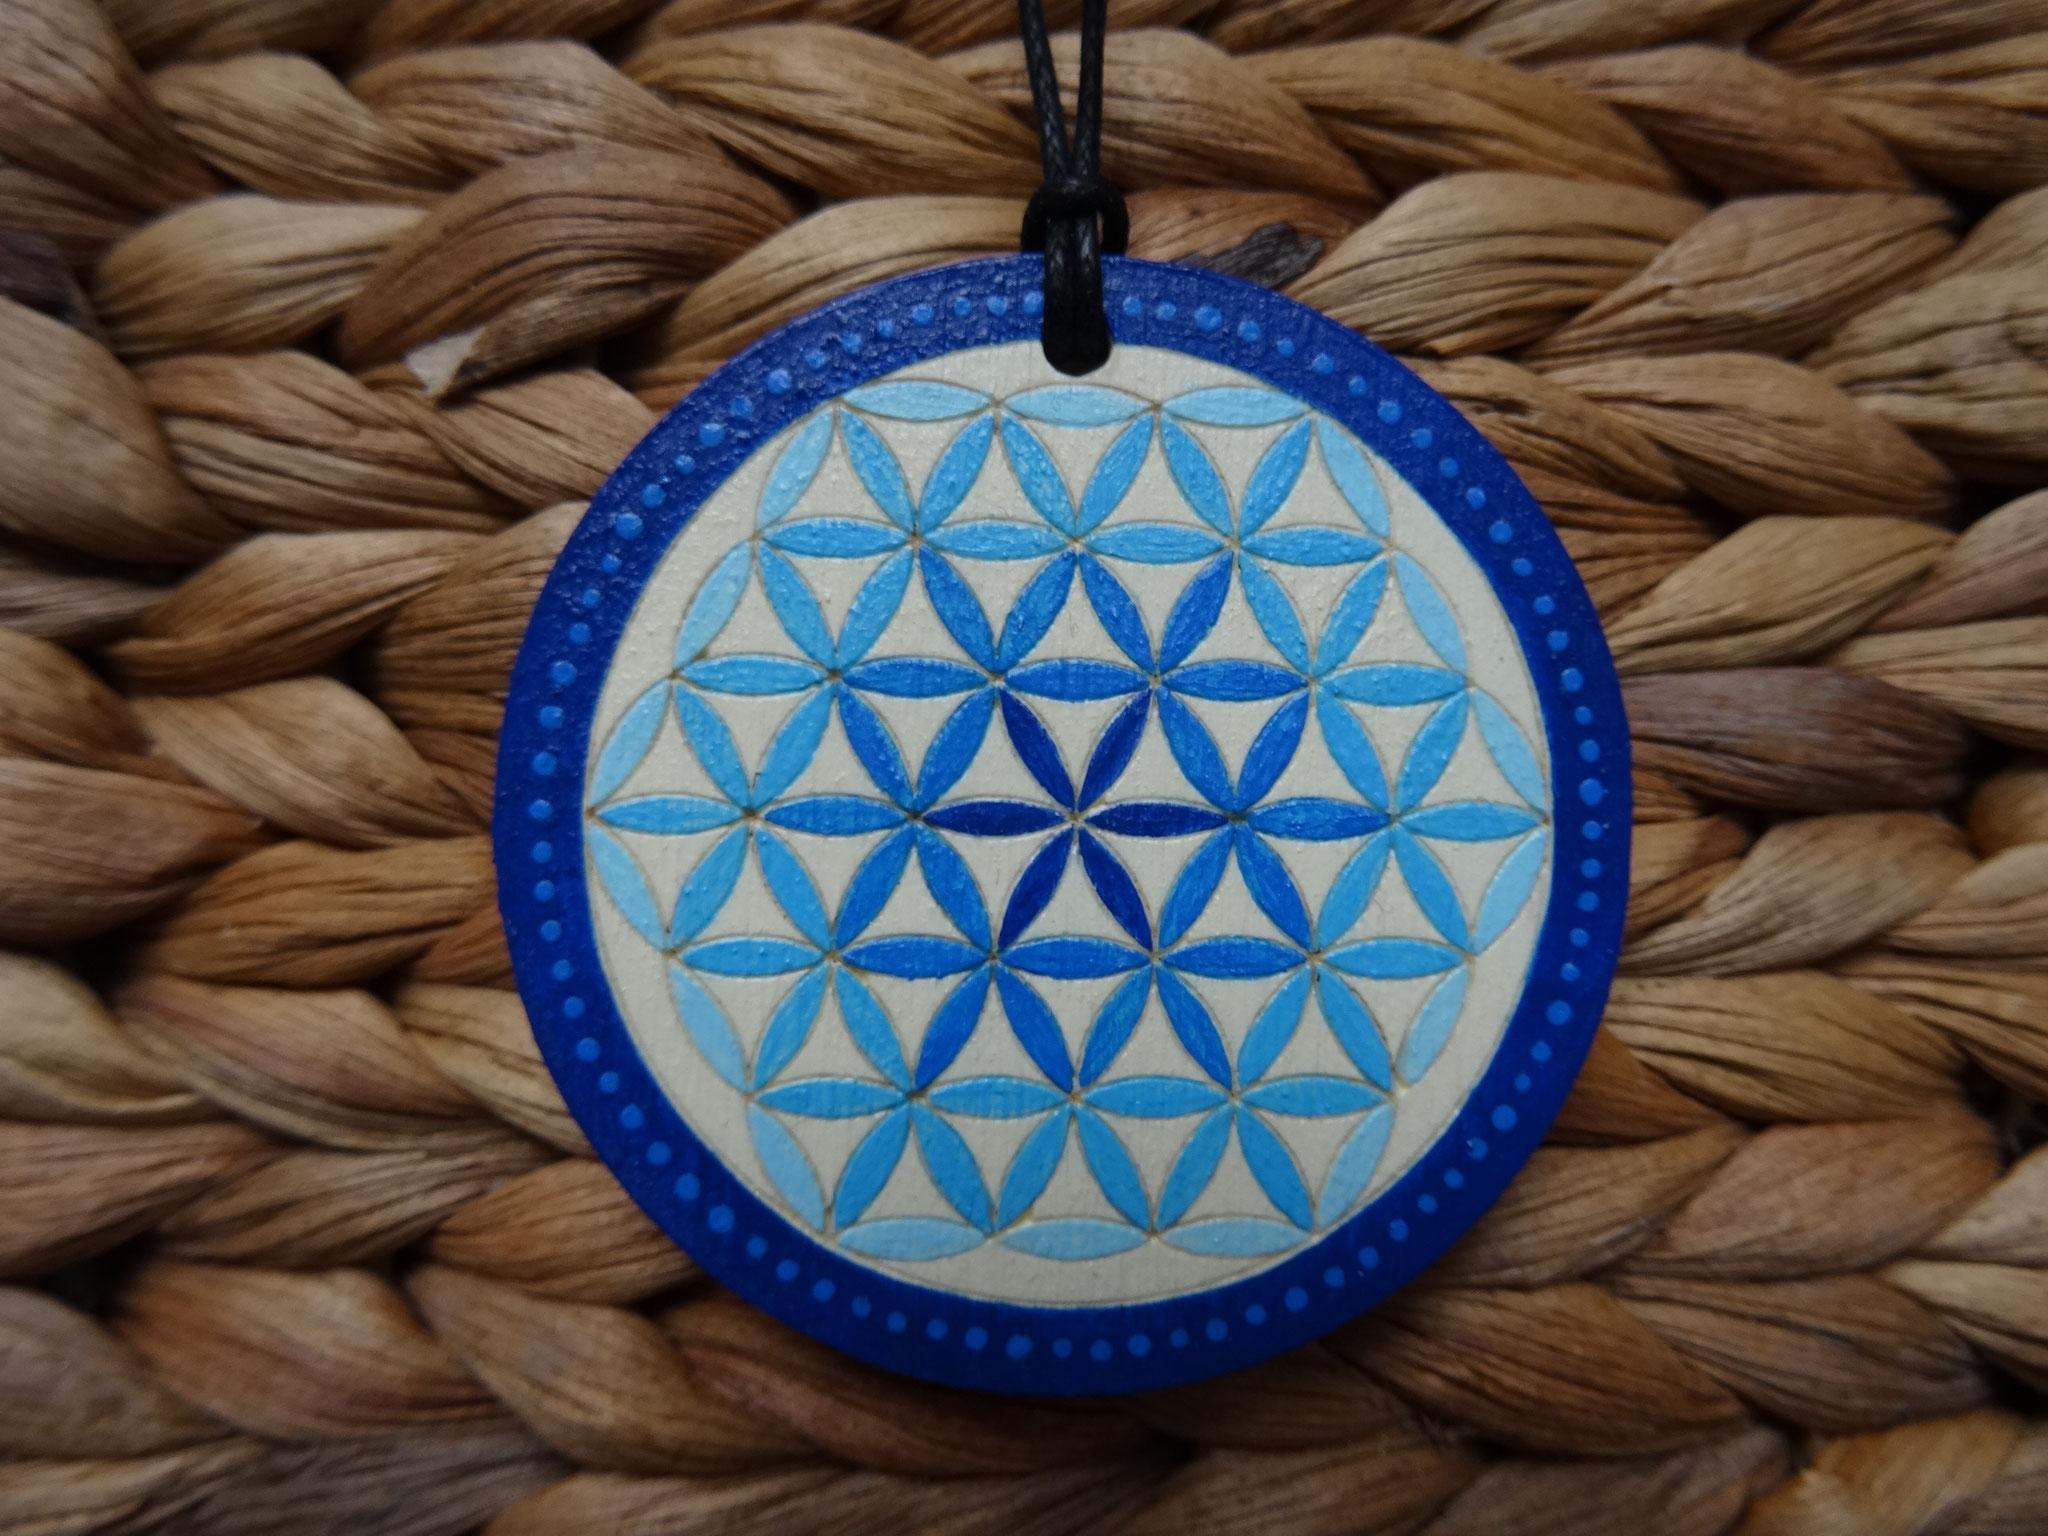 Blume des Lebens in Blautönen